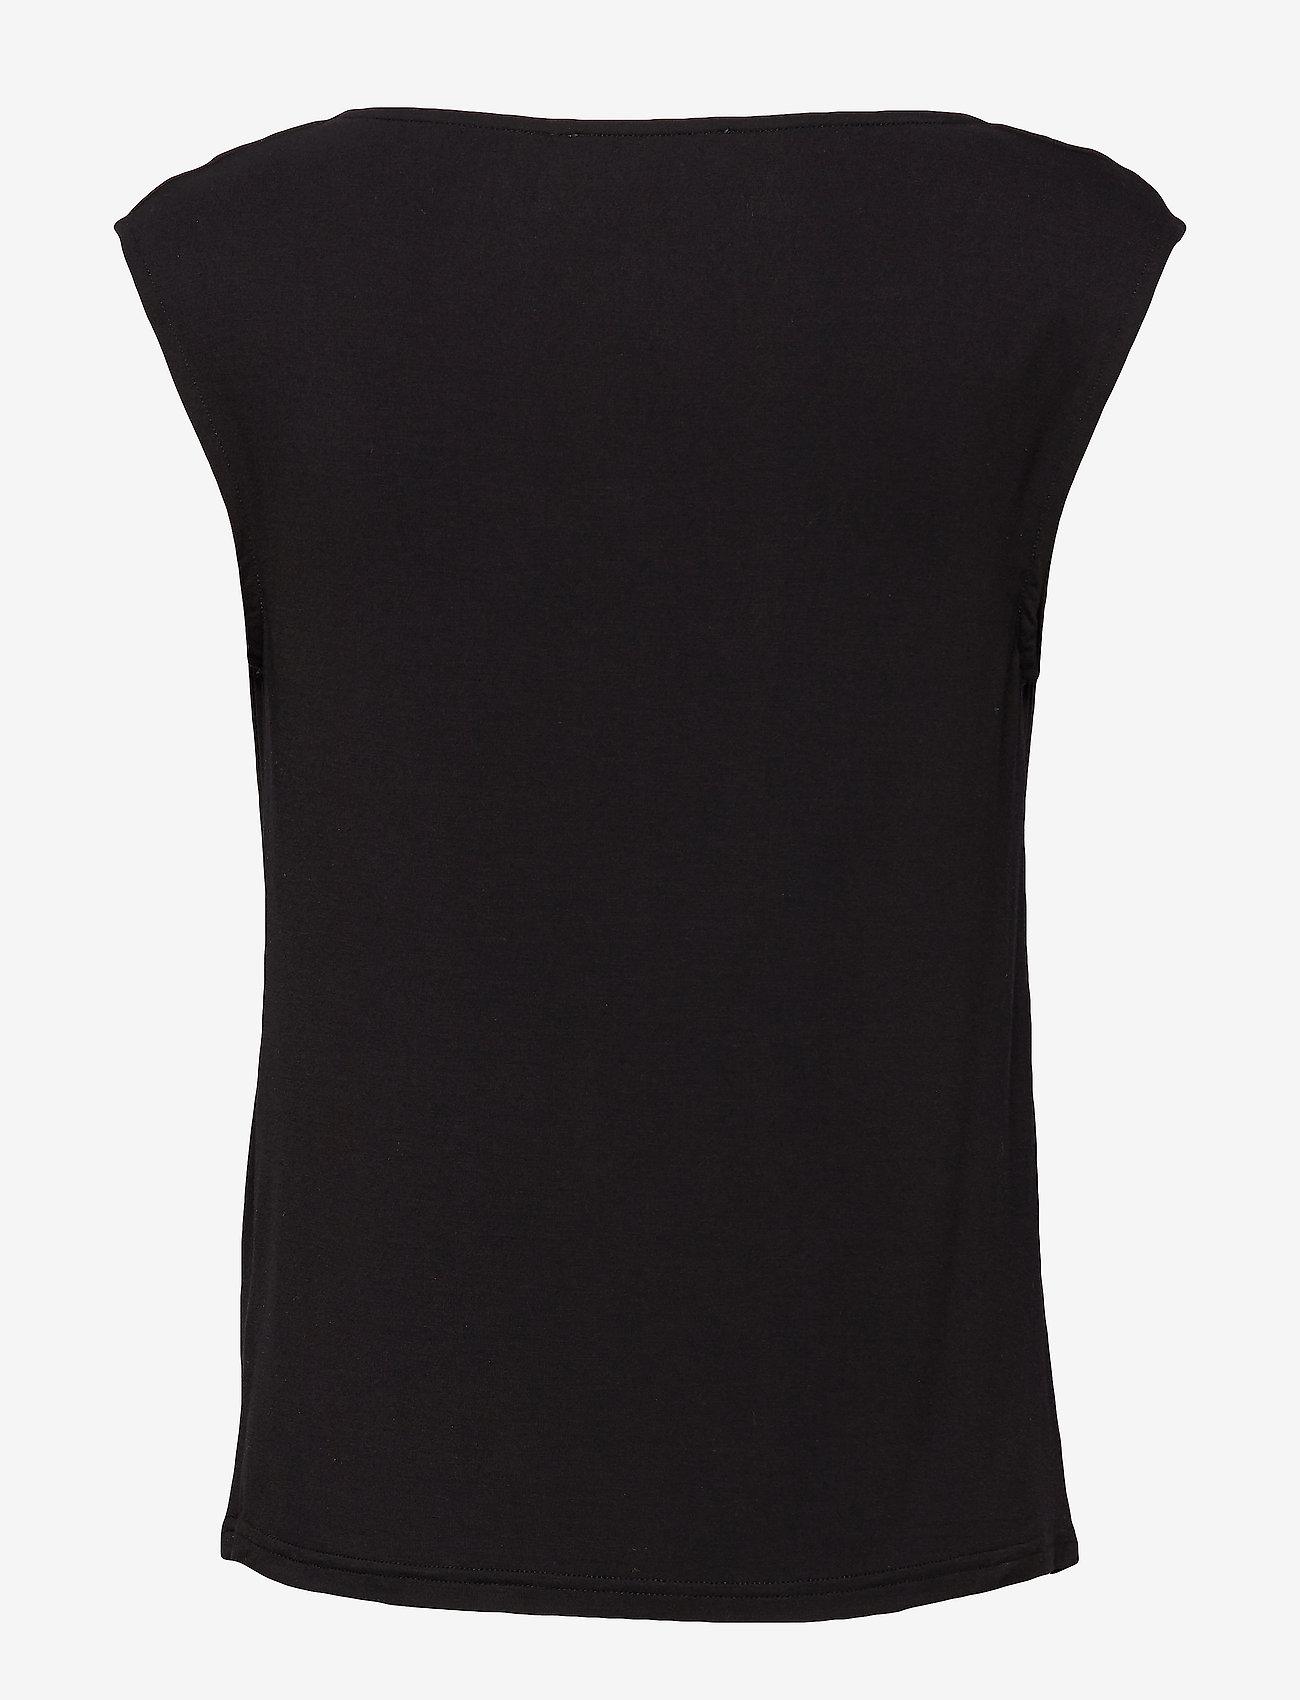 Rosemunde - T-shirt ss - ermeløse bluser - black - 1